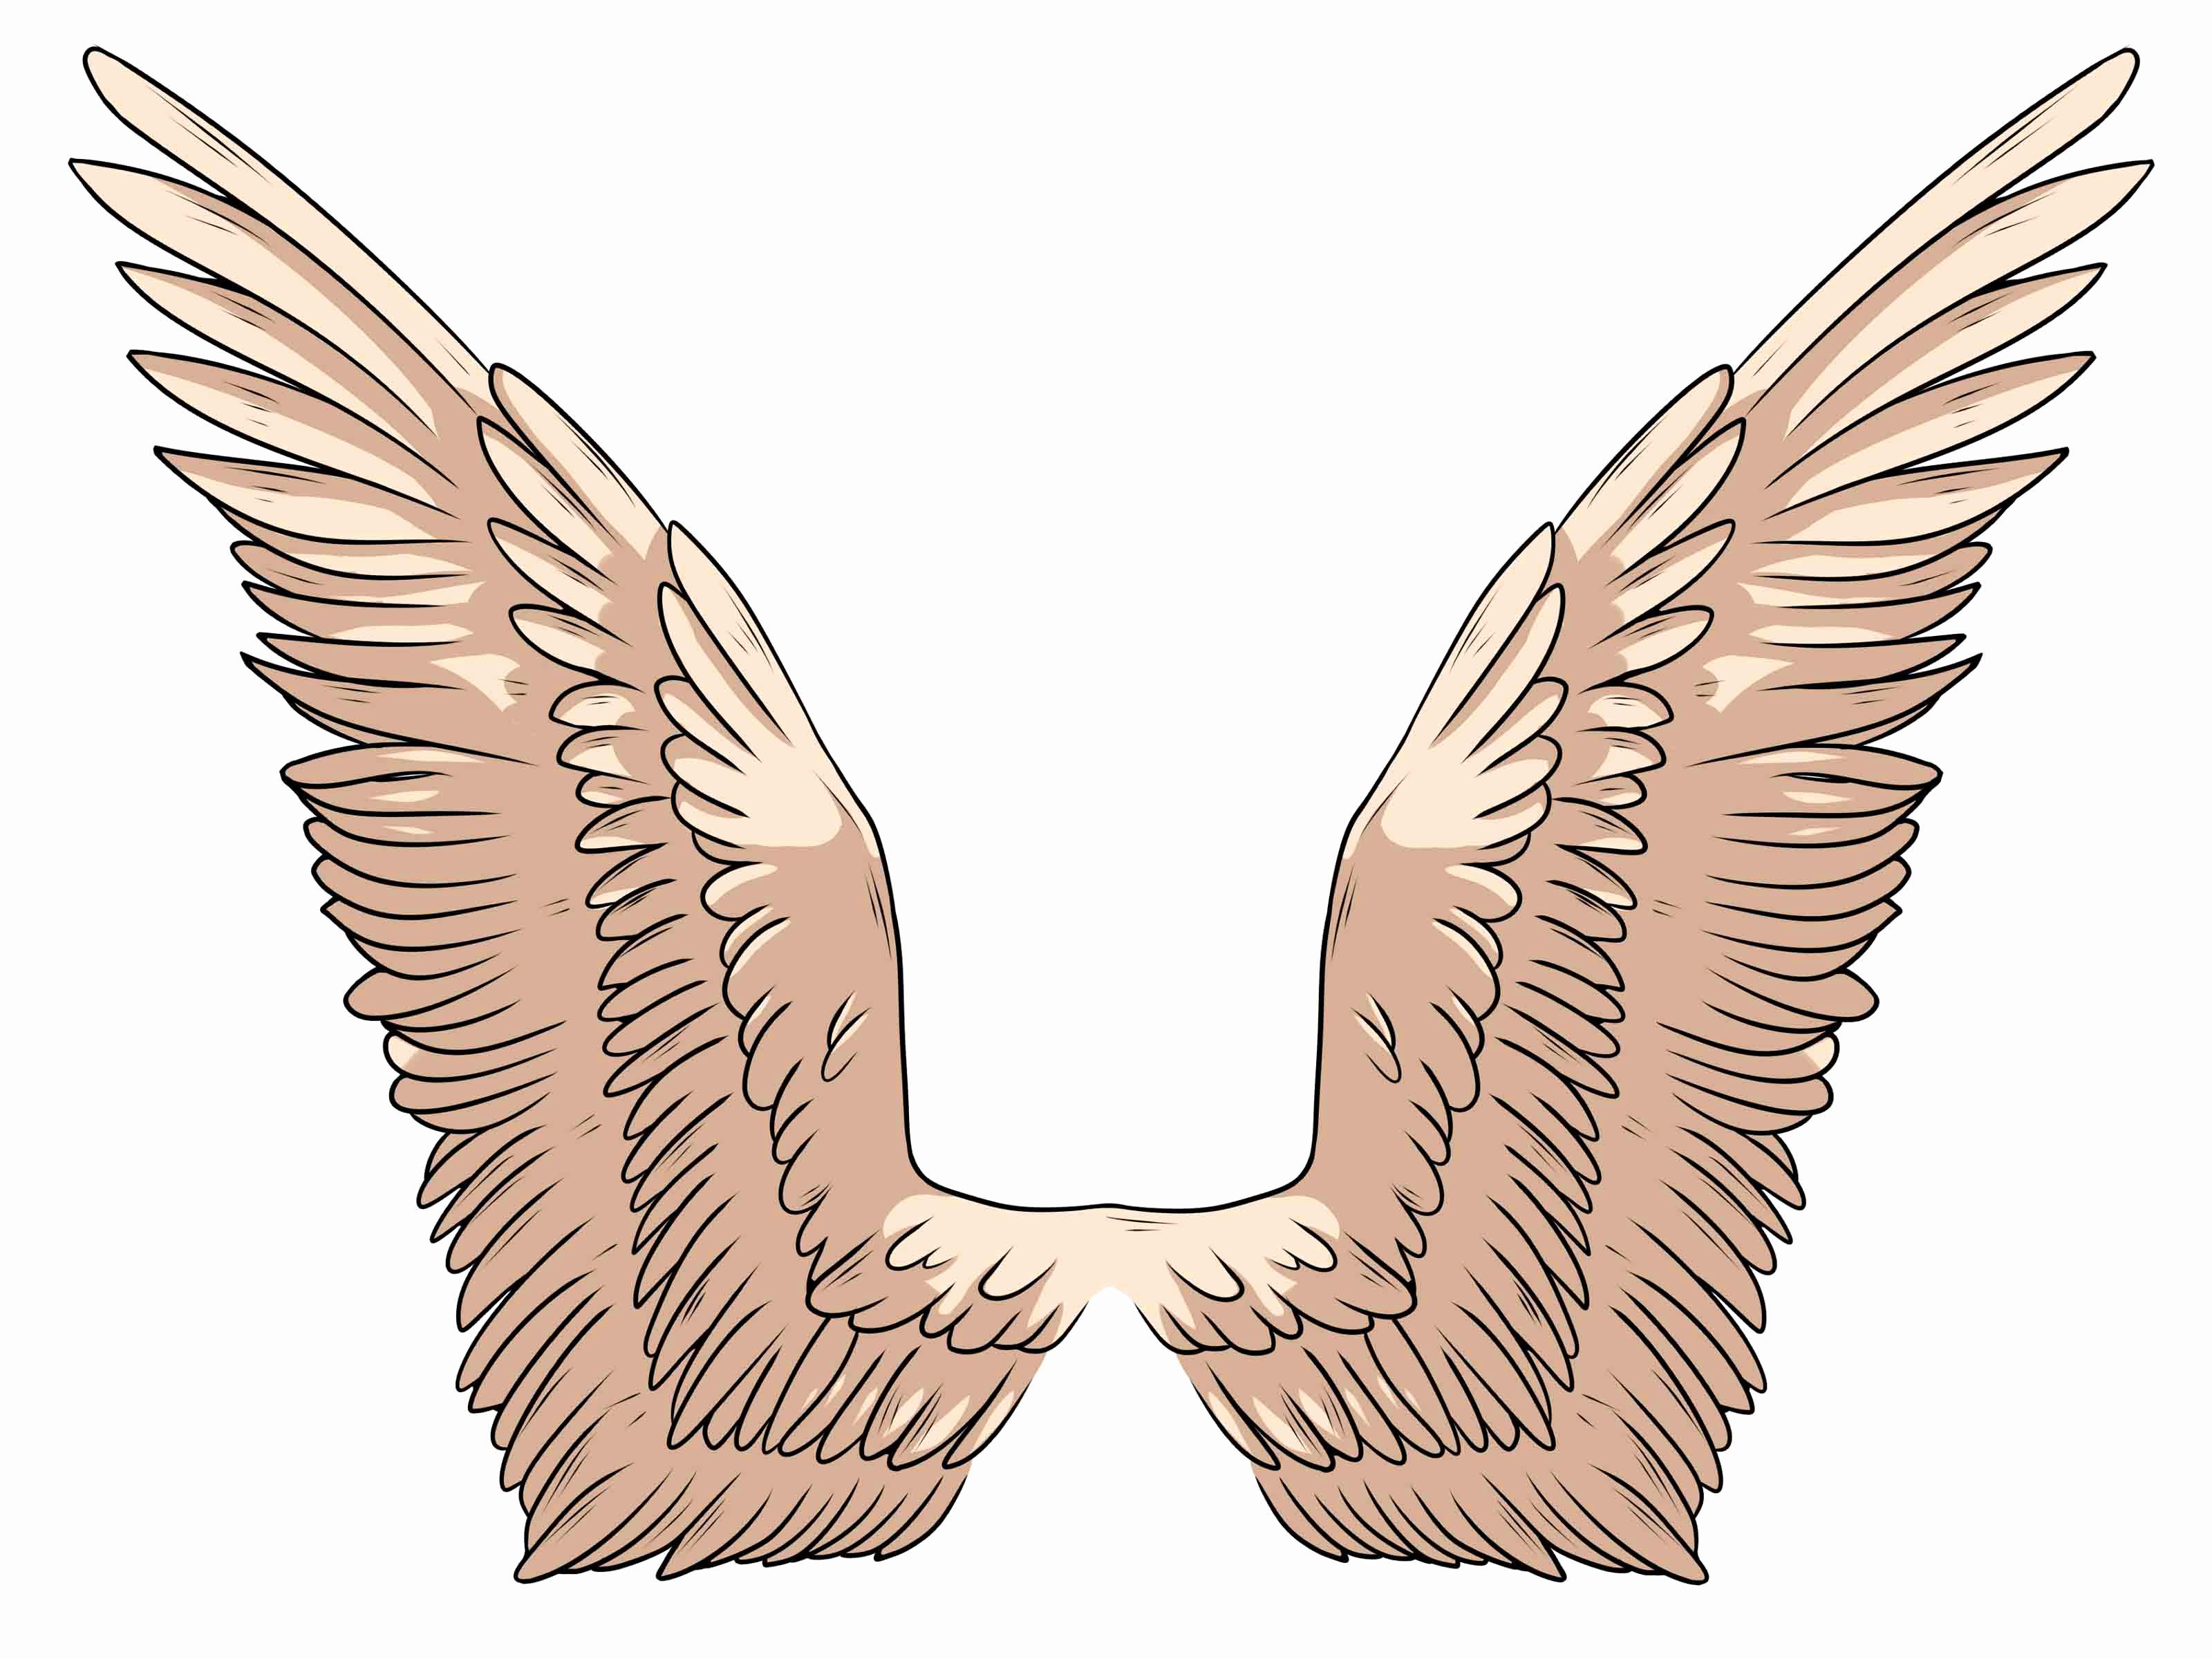 Drawings Of Angels Wings Elegant Free Simple Angel Wings Drawing Download Free Clip Art